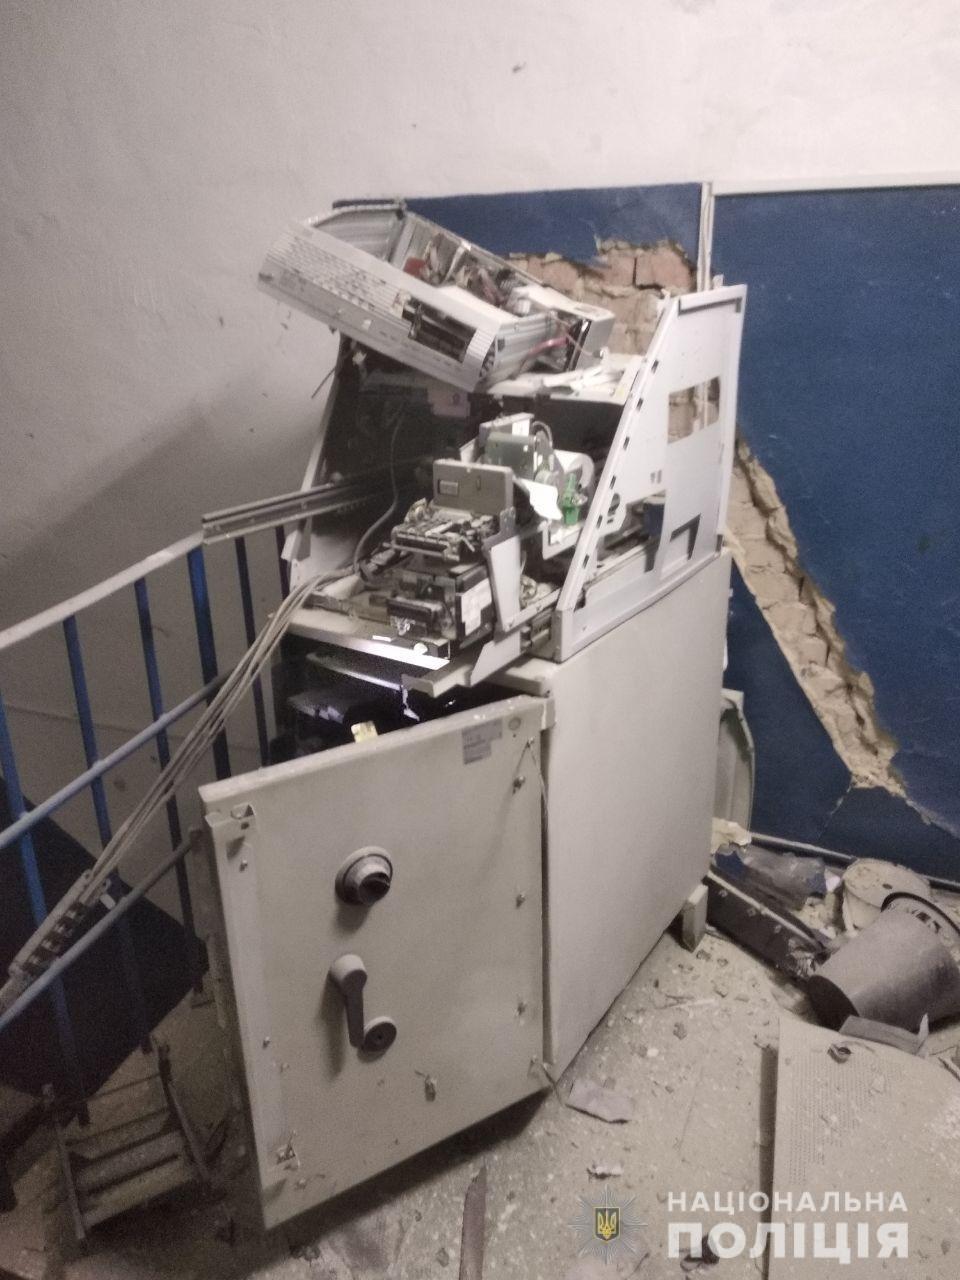 Утром в Харькове неизвестные взорвали банкомат и унесли деньги, - ФОТО, фото-1